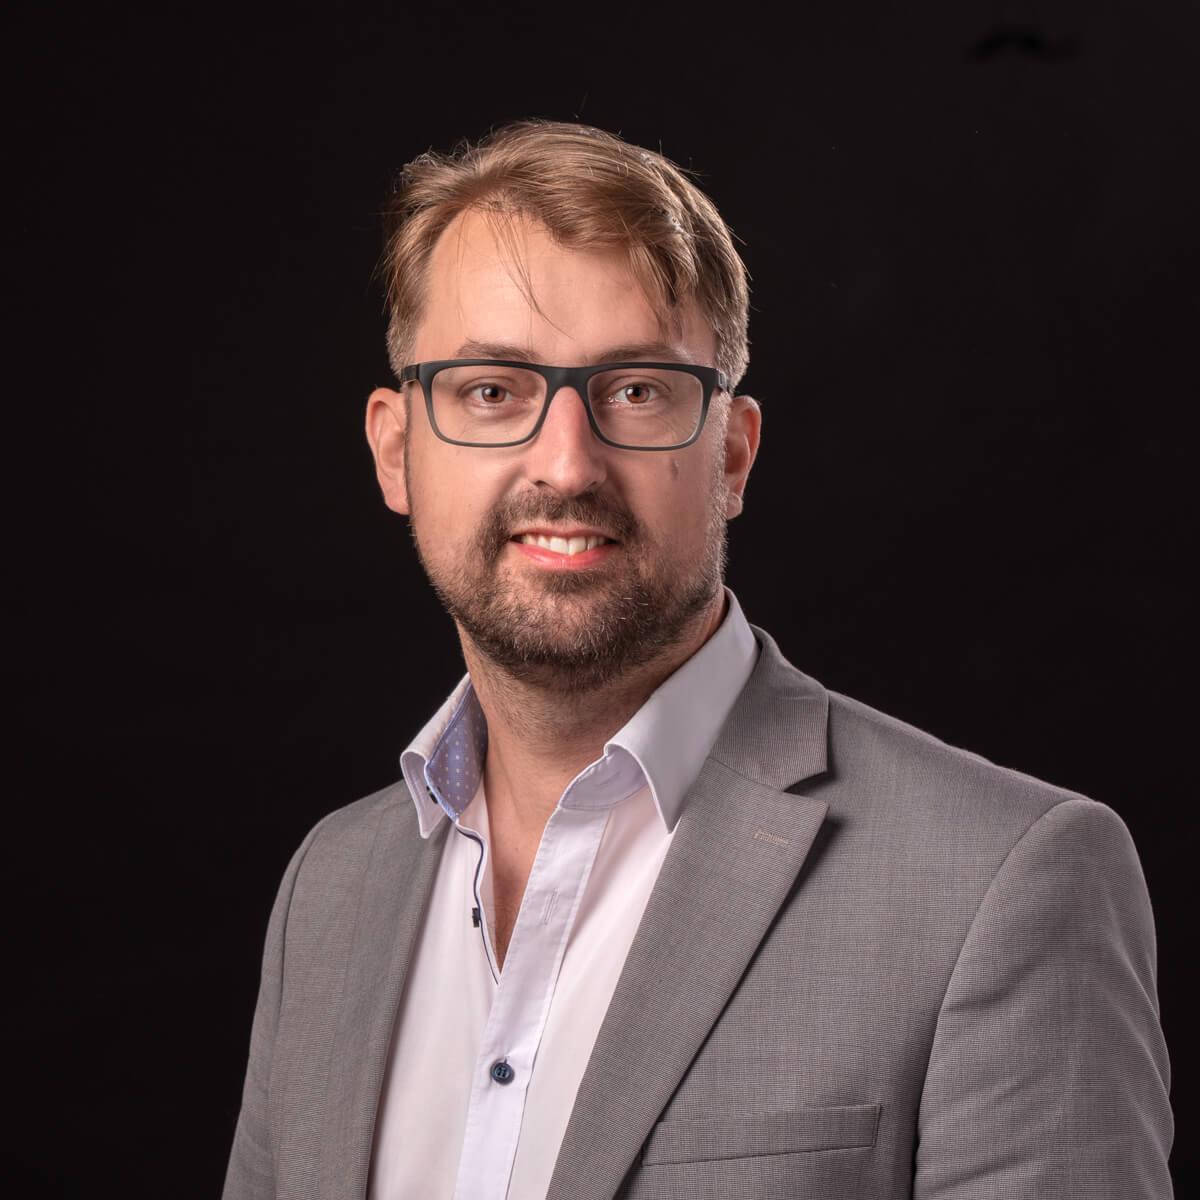 Nils Meijer